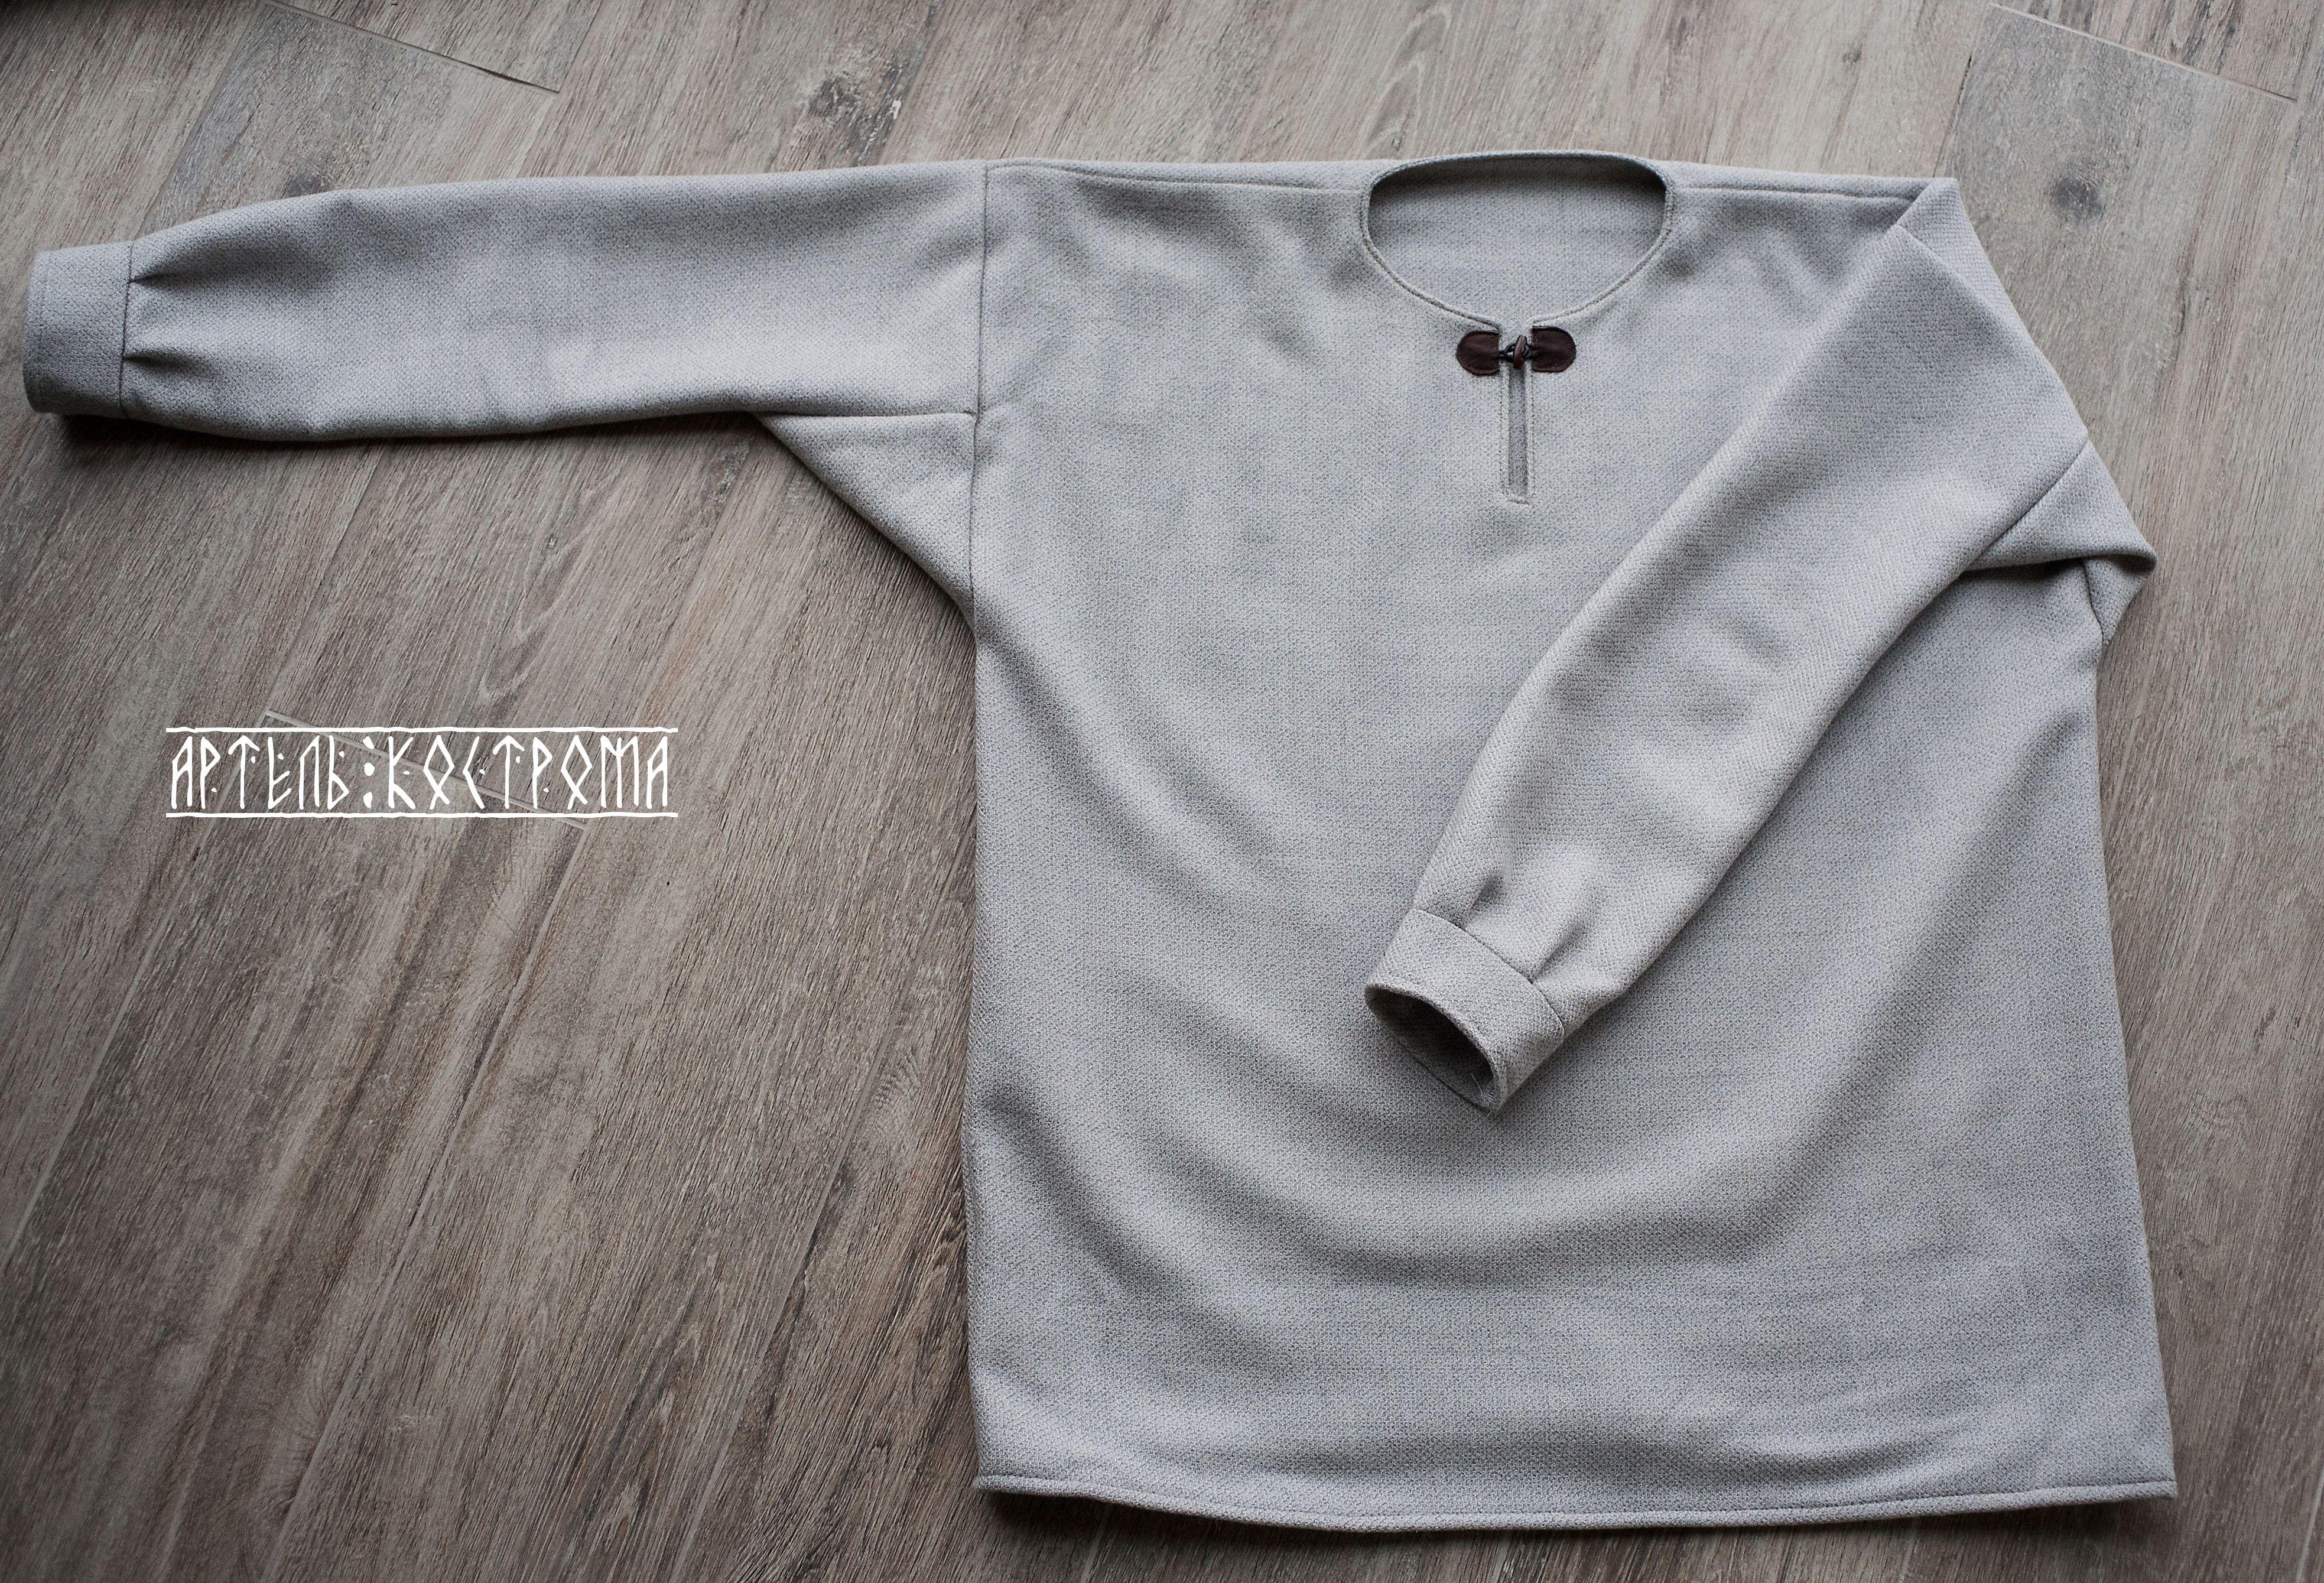 рубаха кострома артель мужчин зима шерсть для подарок